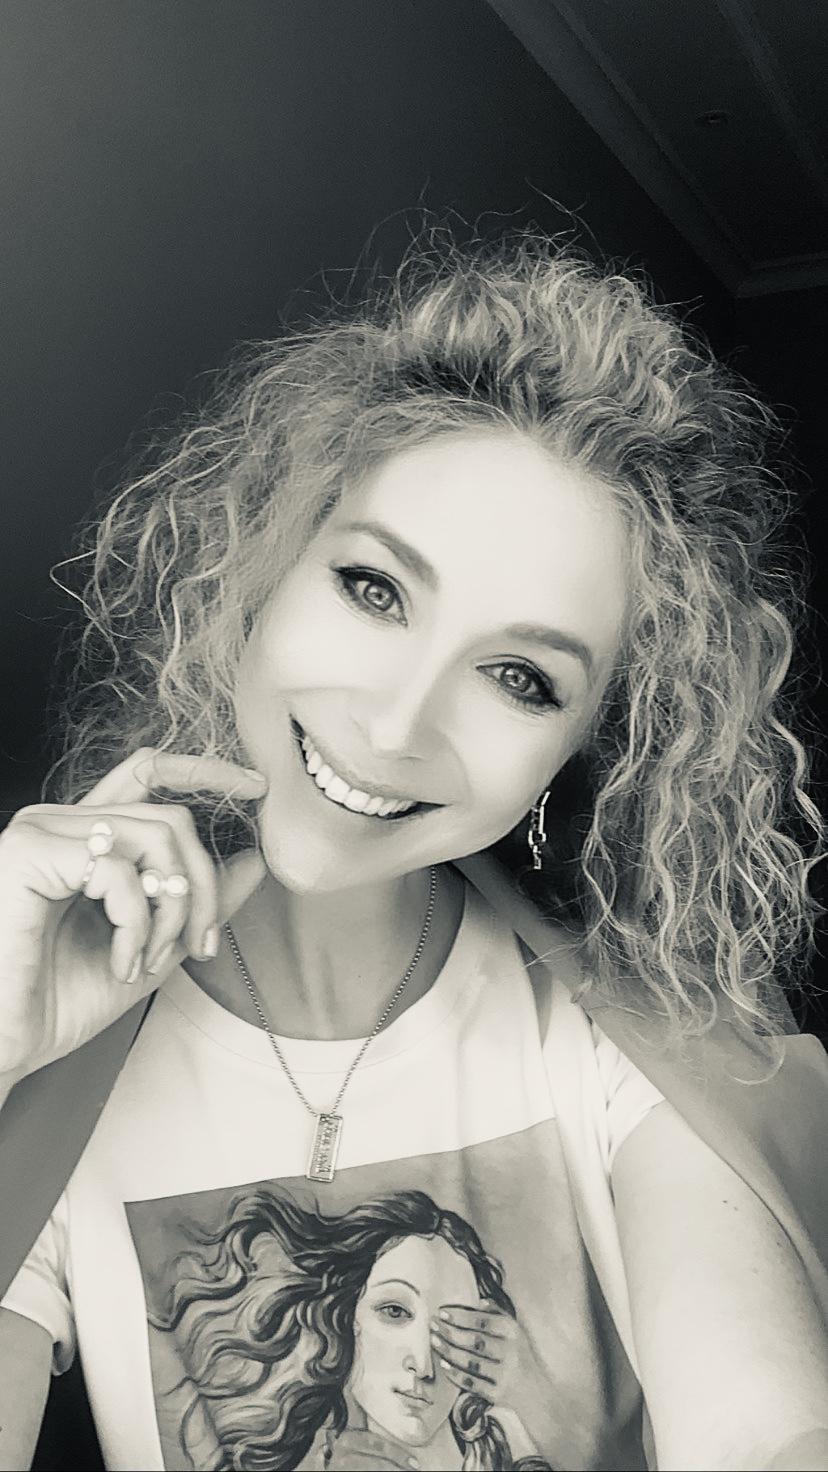 Елена Петрова-Кессарийская, Елена Кессария, Елена Кессарийская, инстаграм